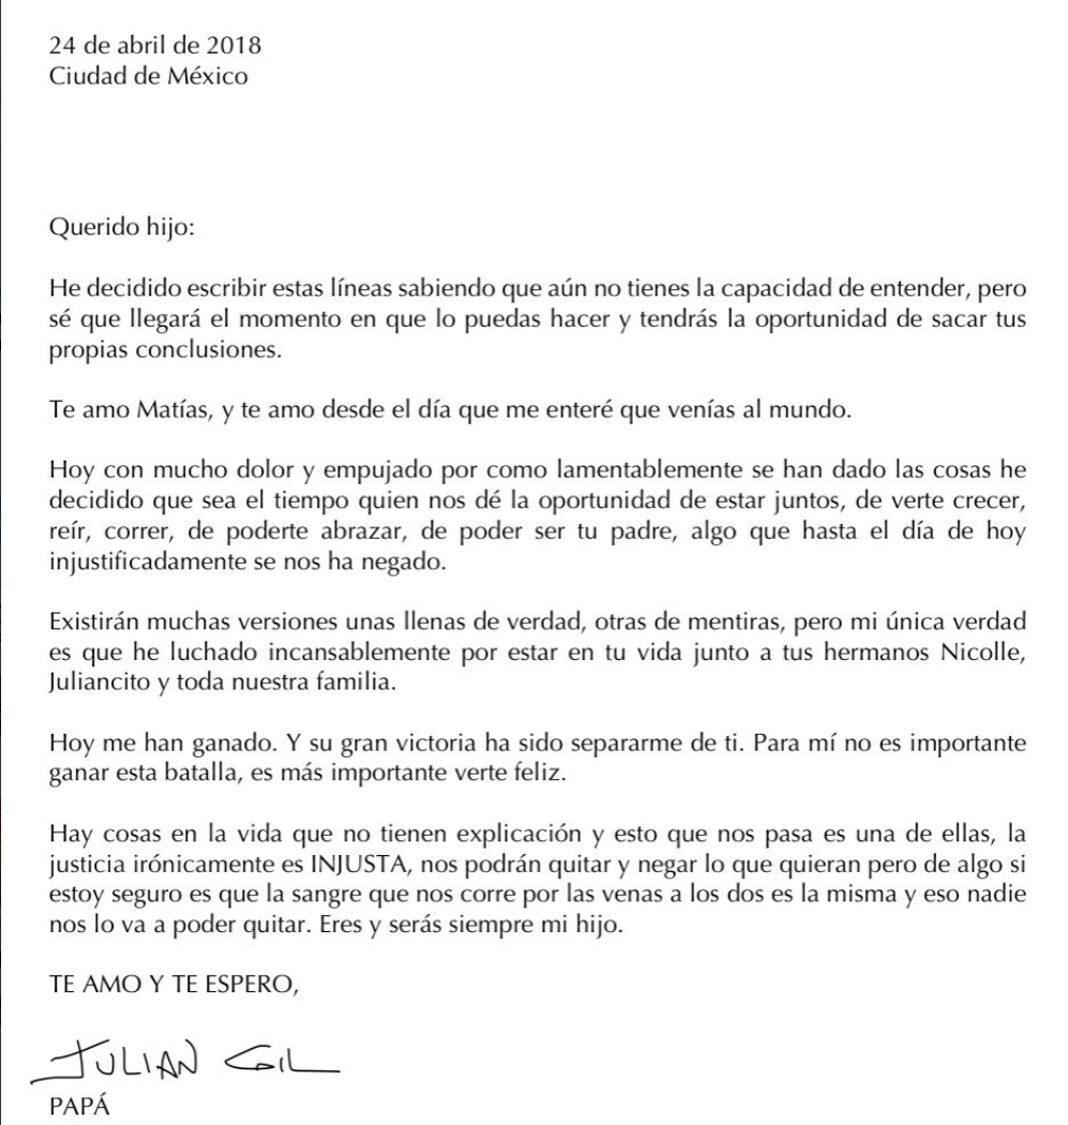 Esta es la polémica carta abierta que escribió Julián a su hijo Matías